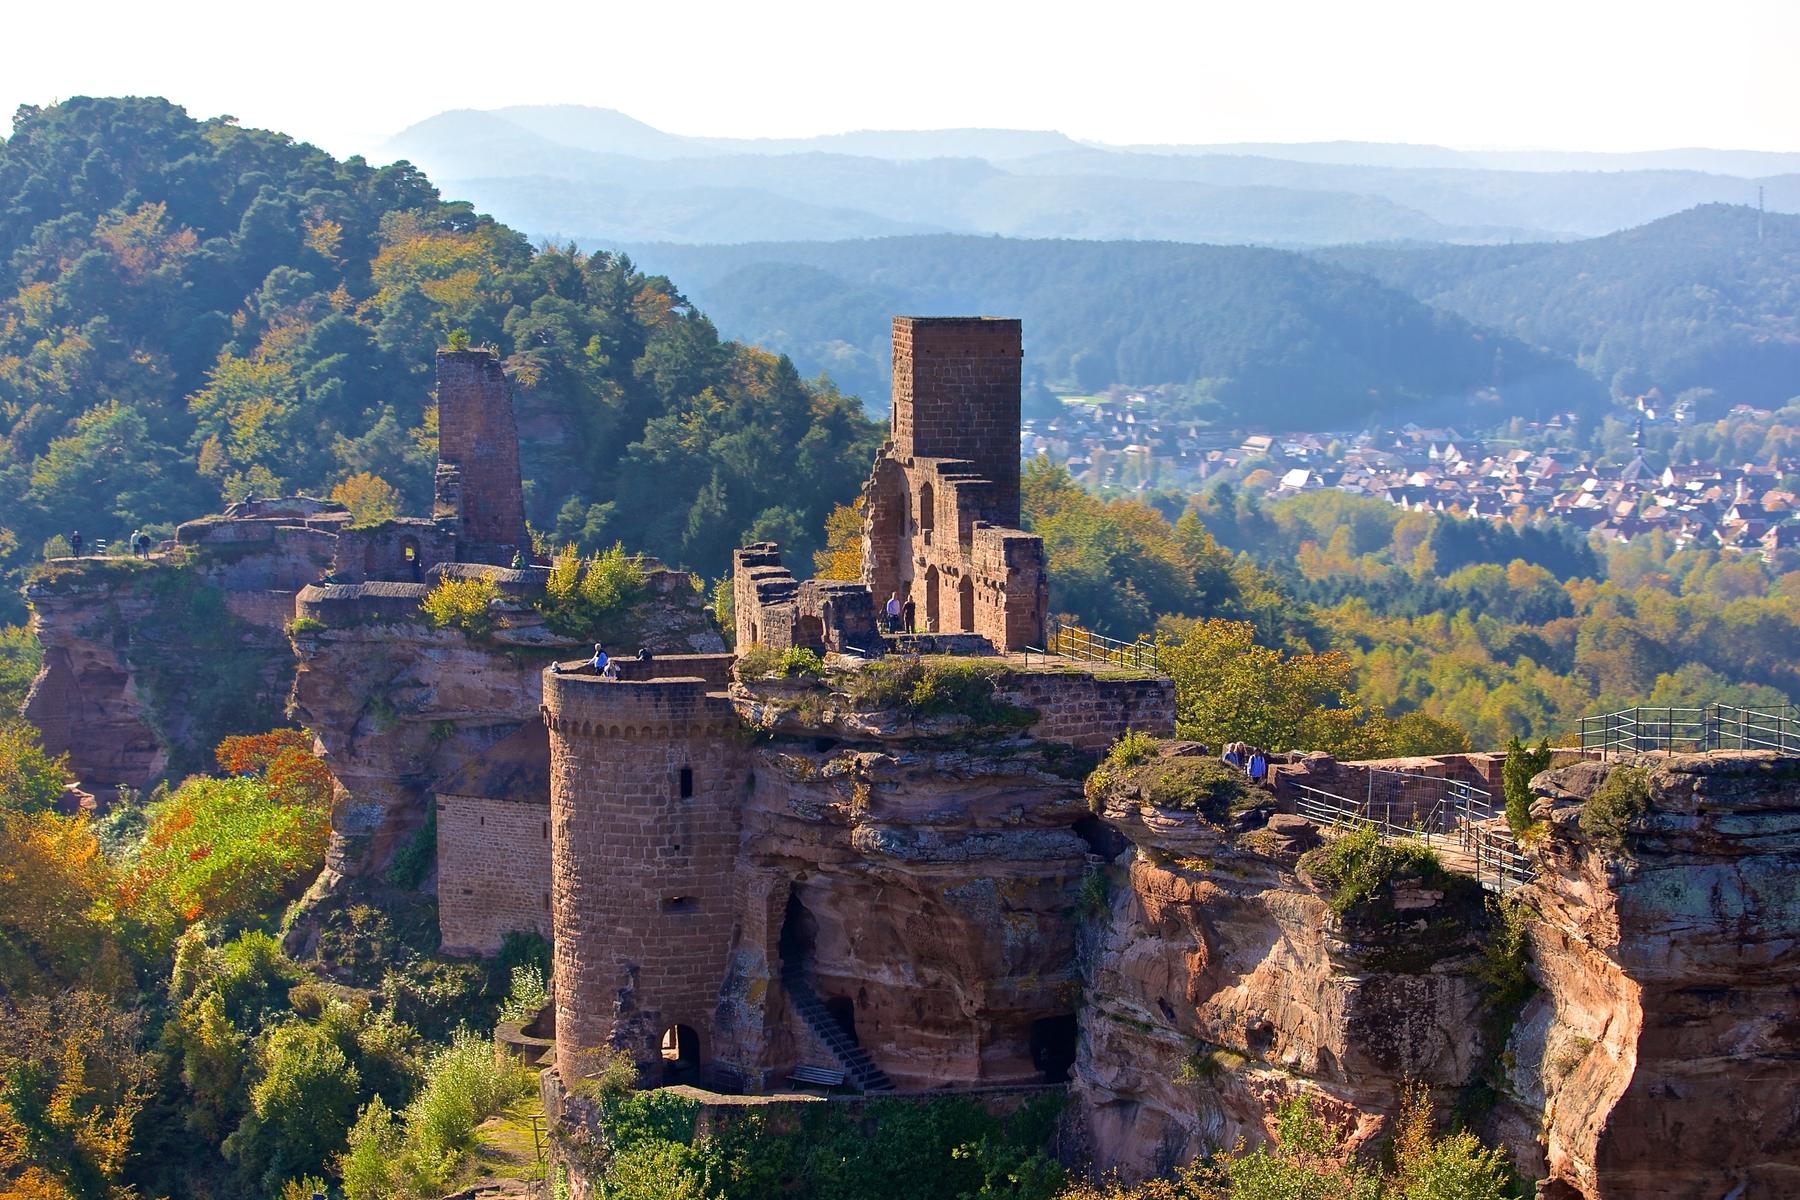 Geheimtipps für einen Urlaub in Deutschland: Dahner Felsenland